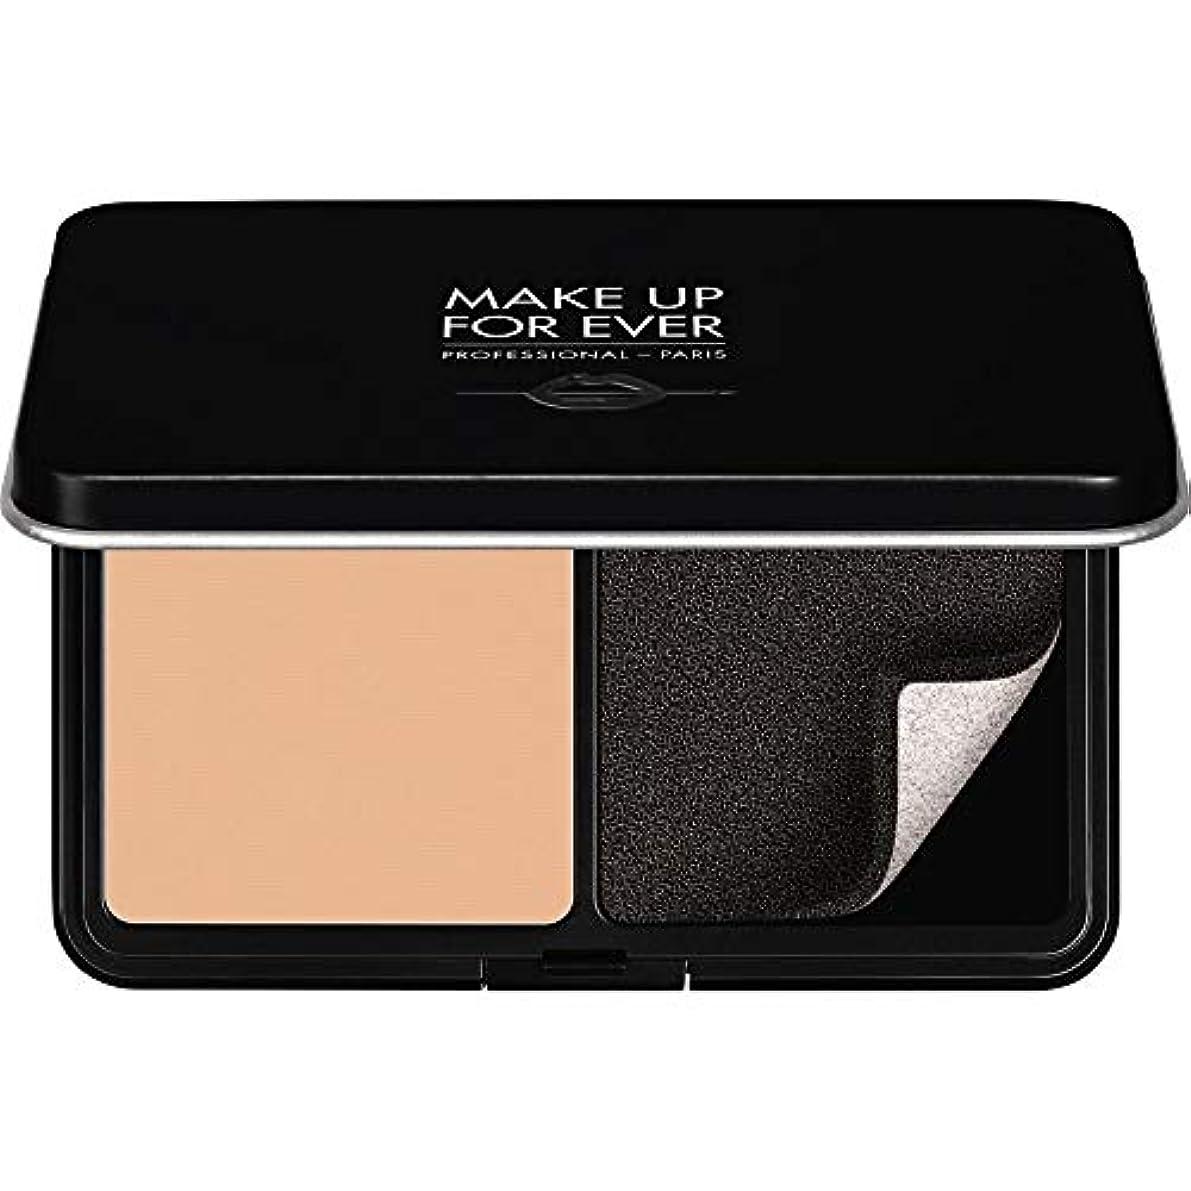 ニンニクアラブスパン[MAKE UP FOR EVER ] パウダーファンデーション11GののR230をぼかし、これまでマットベルベットの肌を補う - アイボリー - MAKE UP FOR EVER Matte Velvet Skin Blurring...